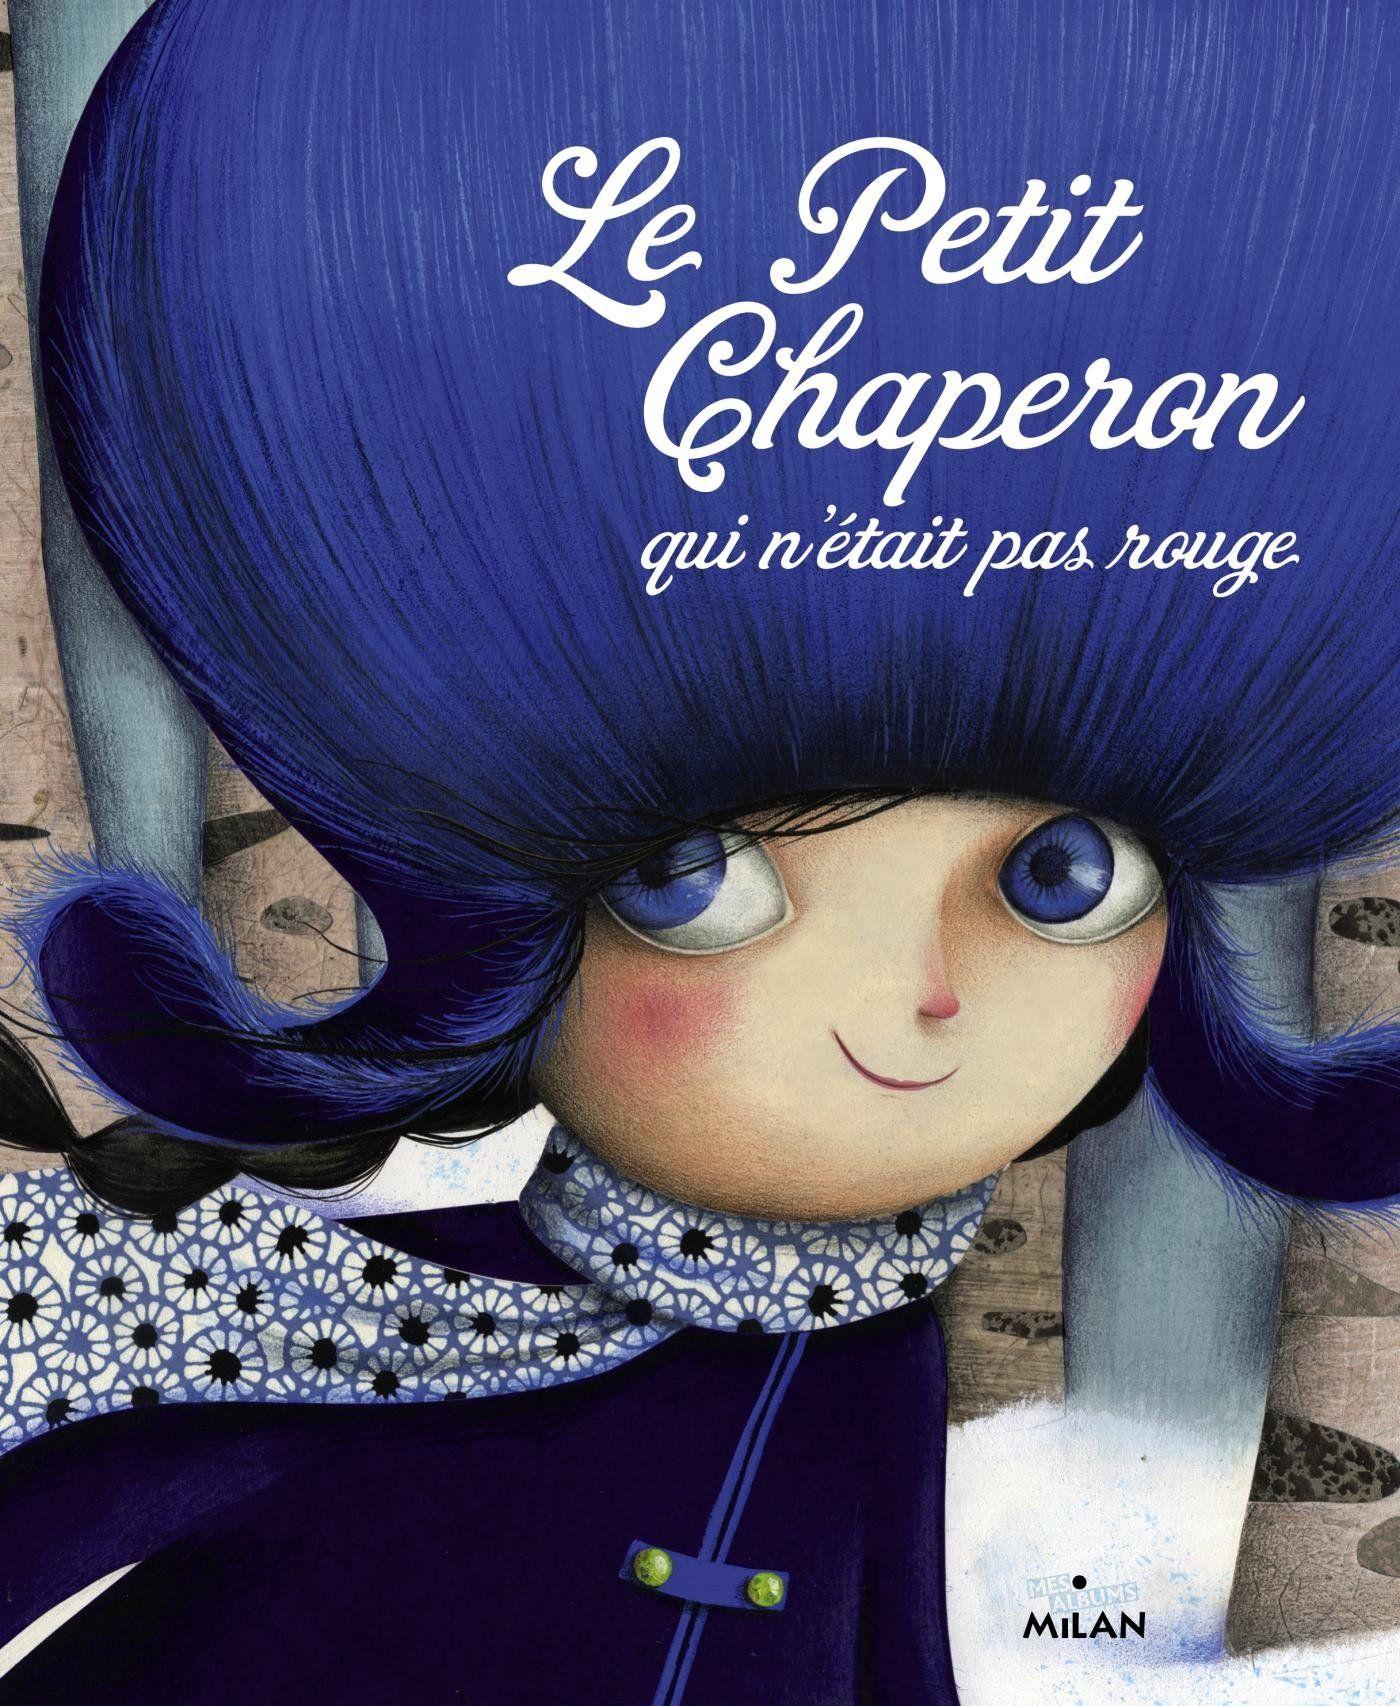 Amazon.fr - LE PETIT CHAPERON QUI N'ETAIT PAS ROUGE - Sandrine Beau, Marie Desbons - Livres